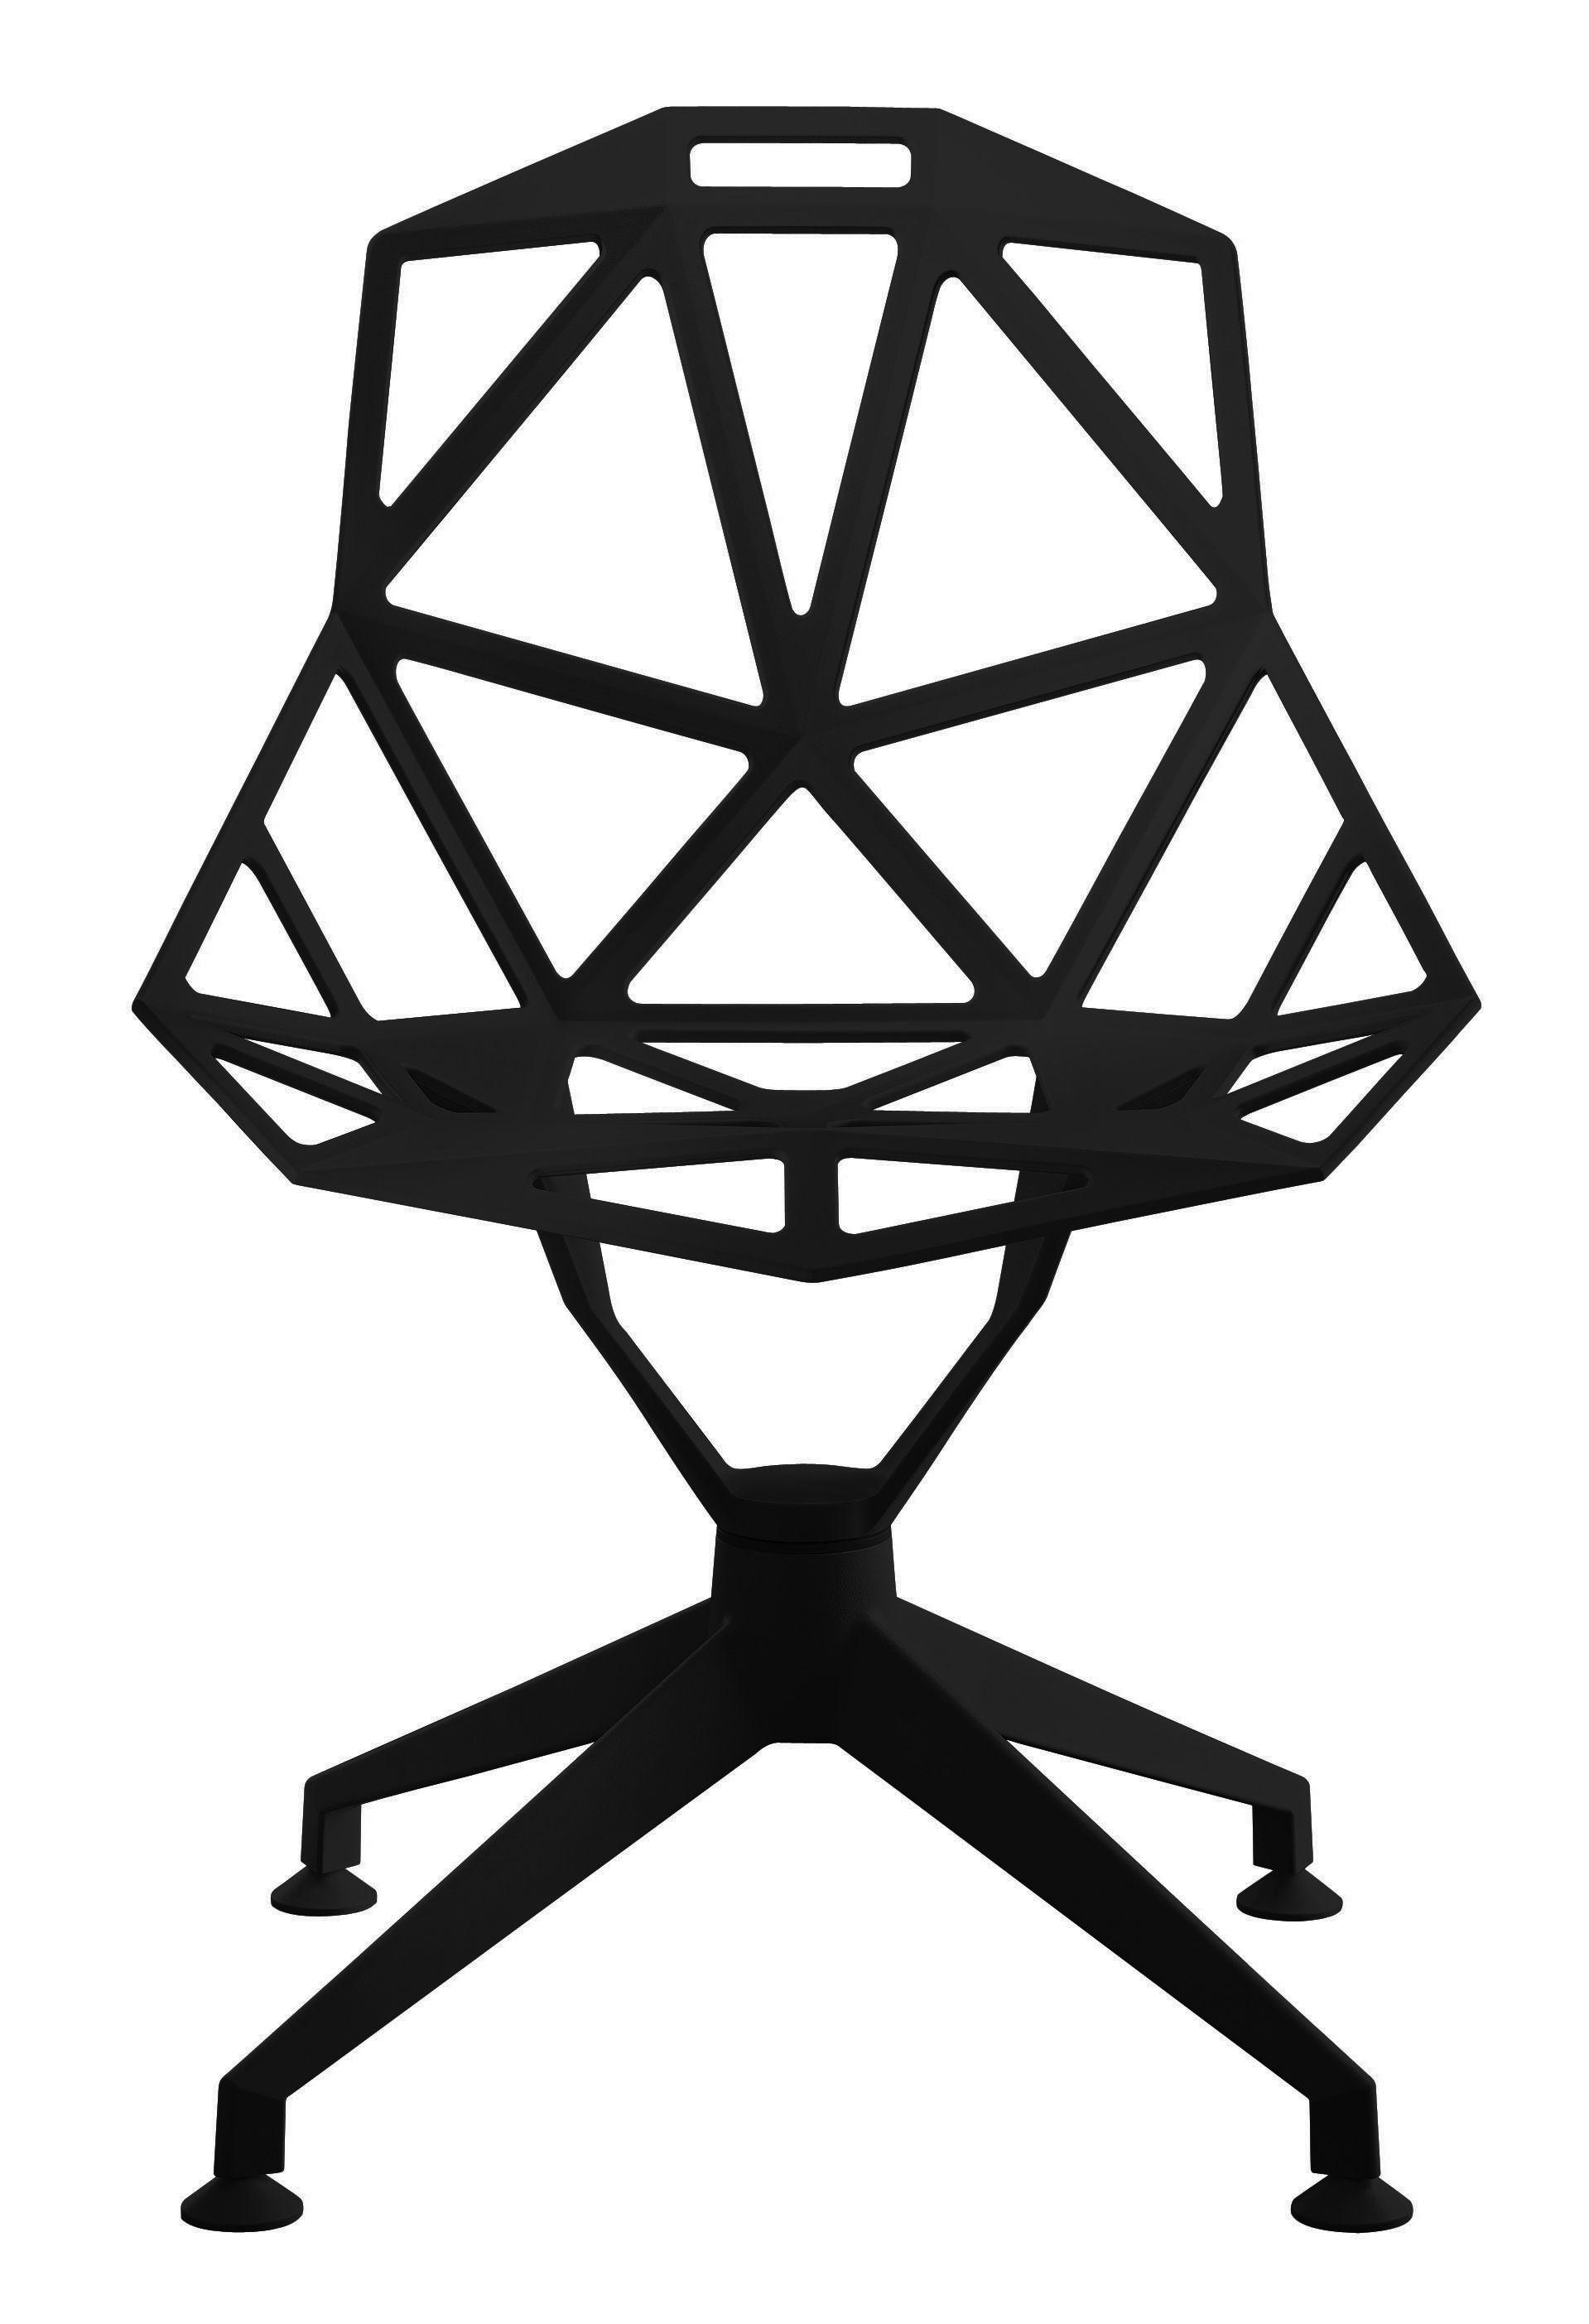 scopri poltrona da ufficio chair one 4star nero di magis made in design italia. Black Bedroom Furniture Sets. Home Design Ideas